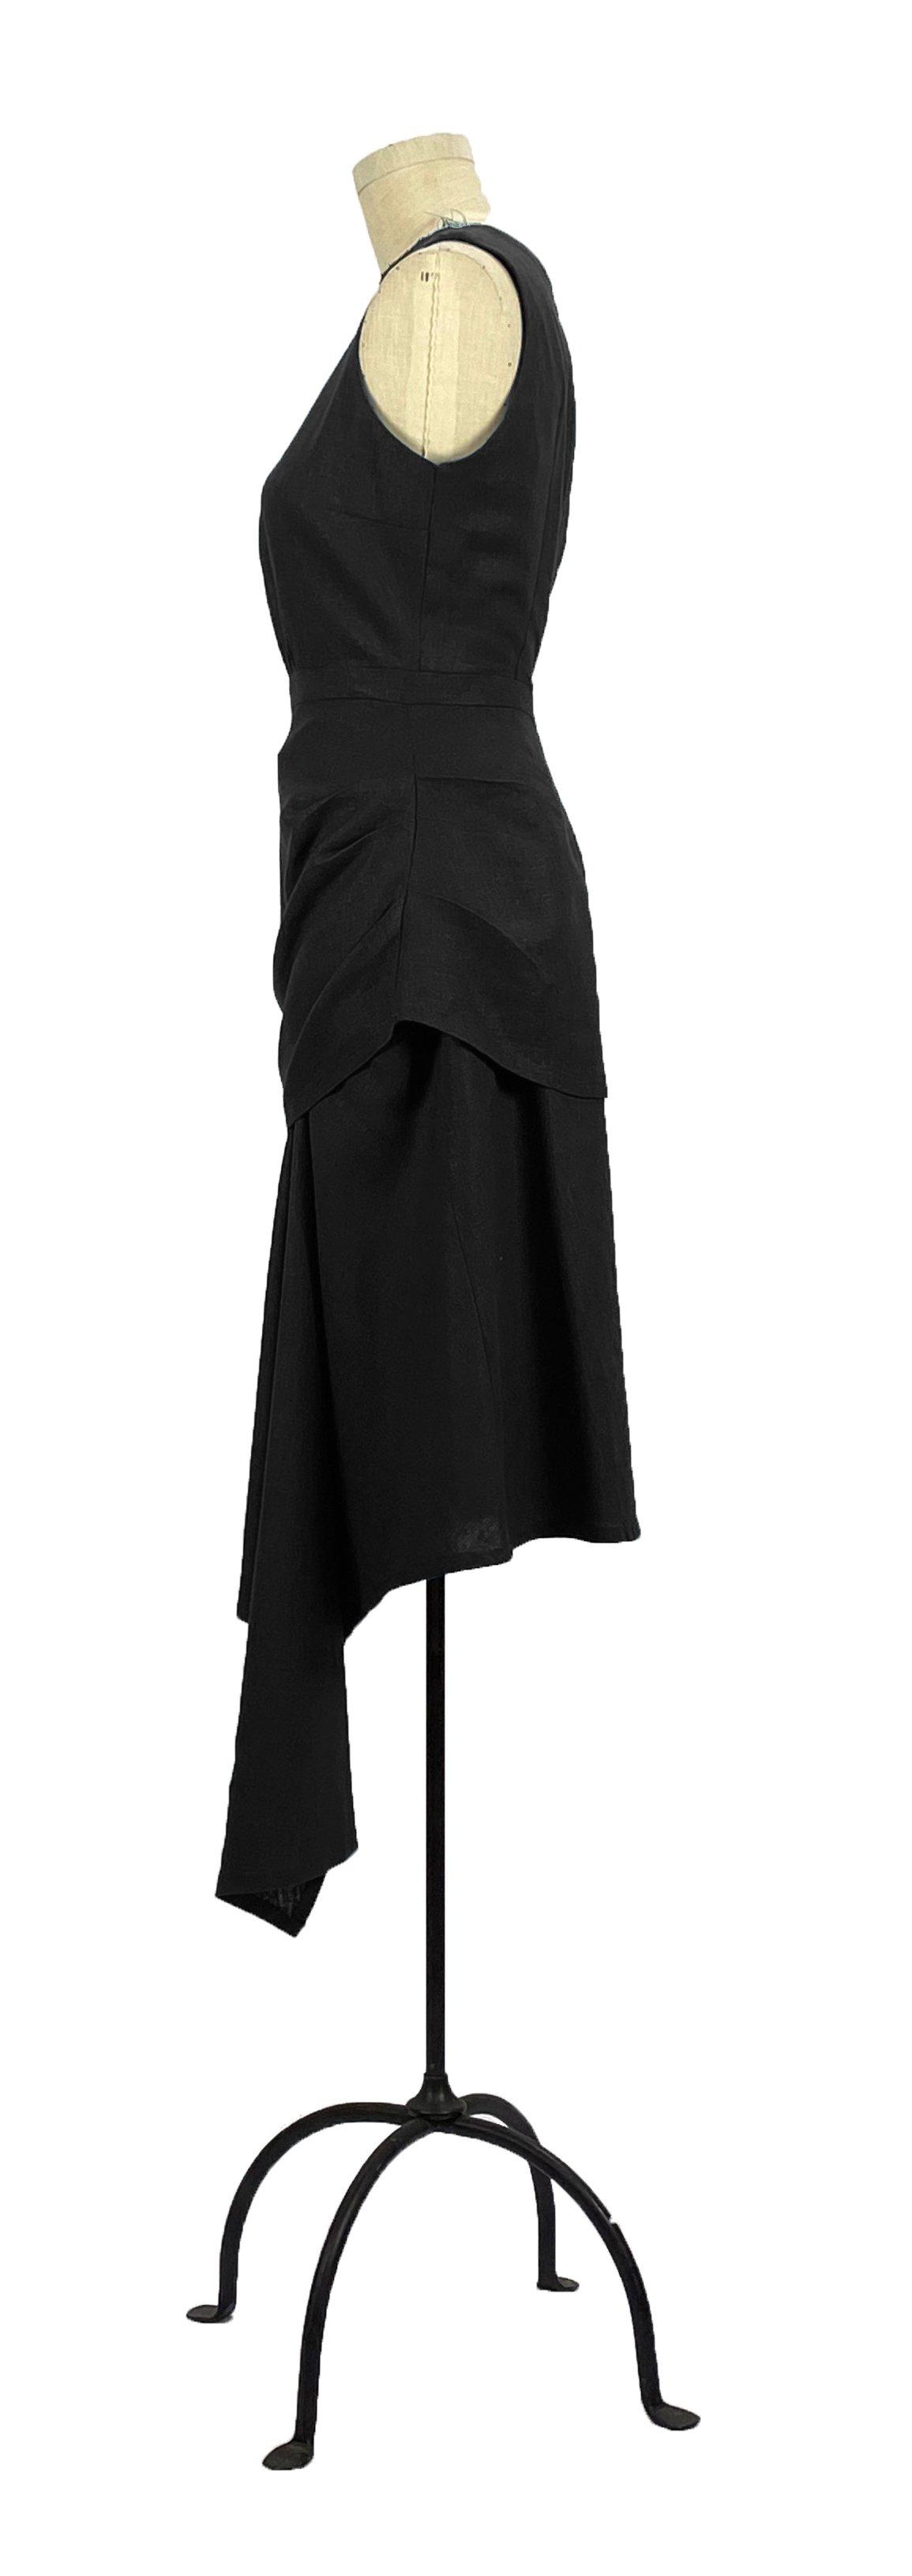 Image of Ronen skirt black